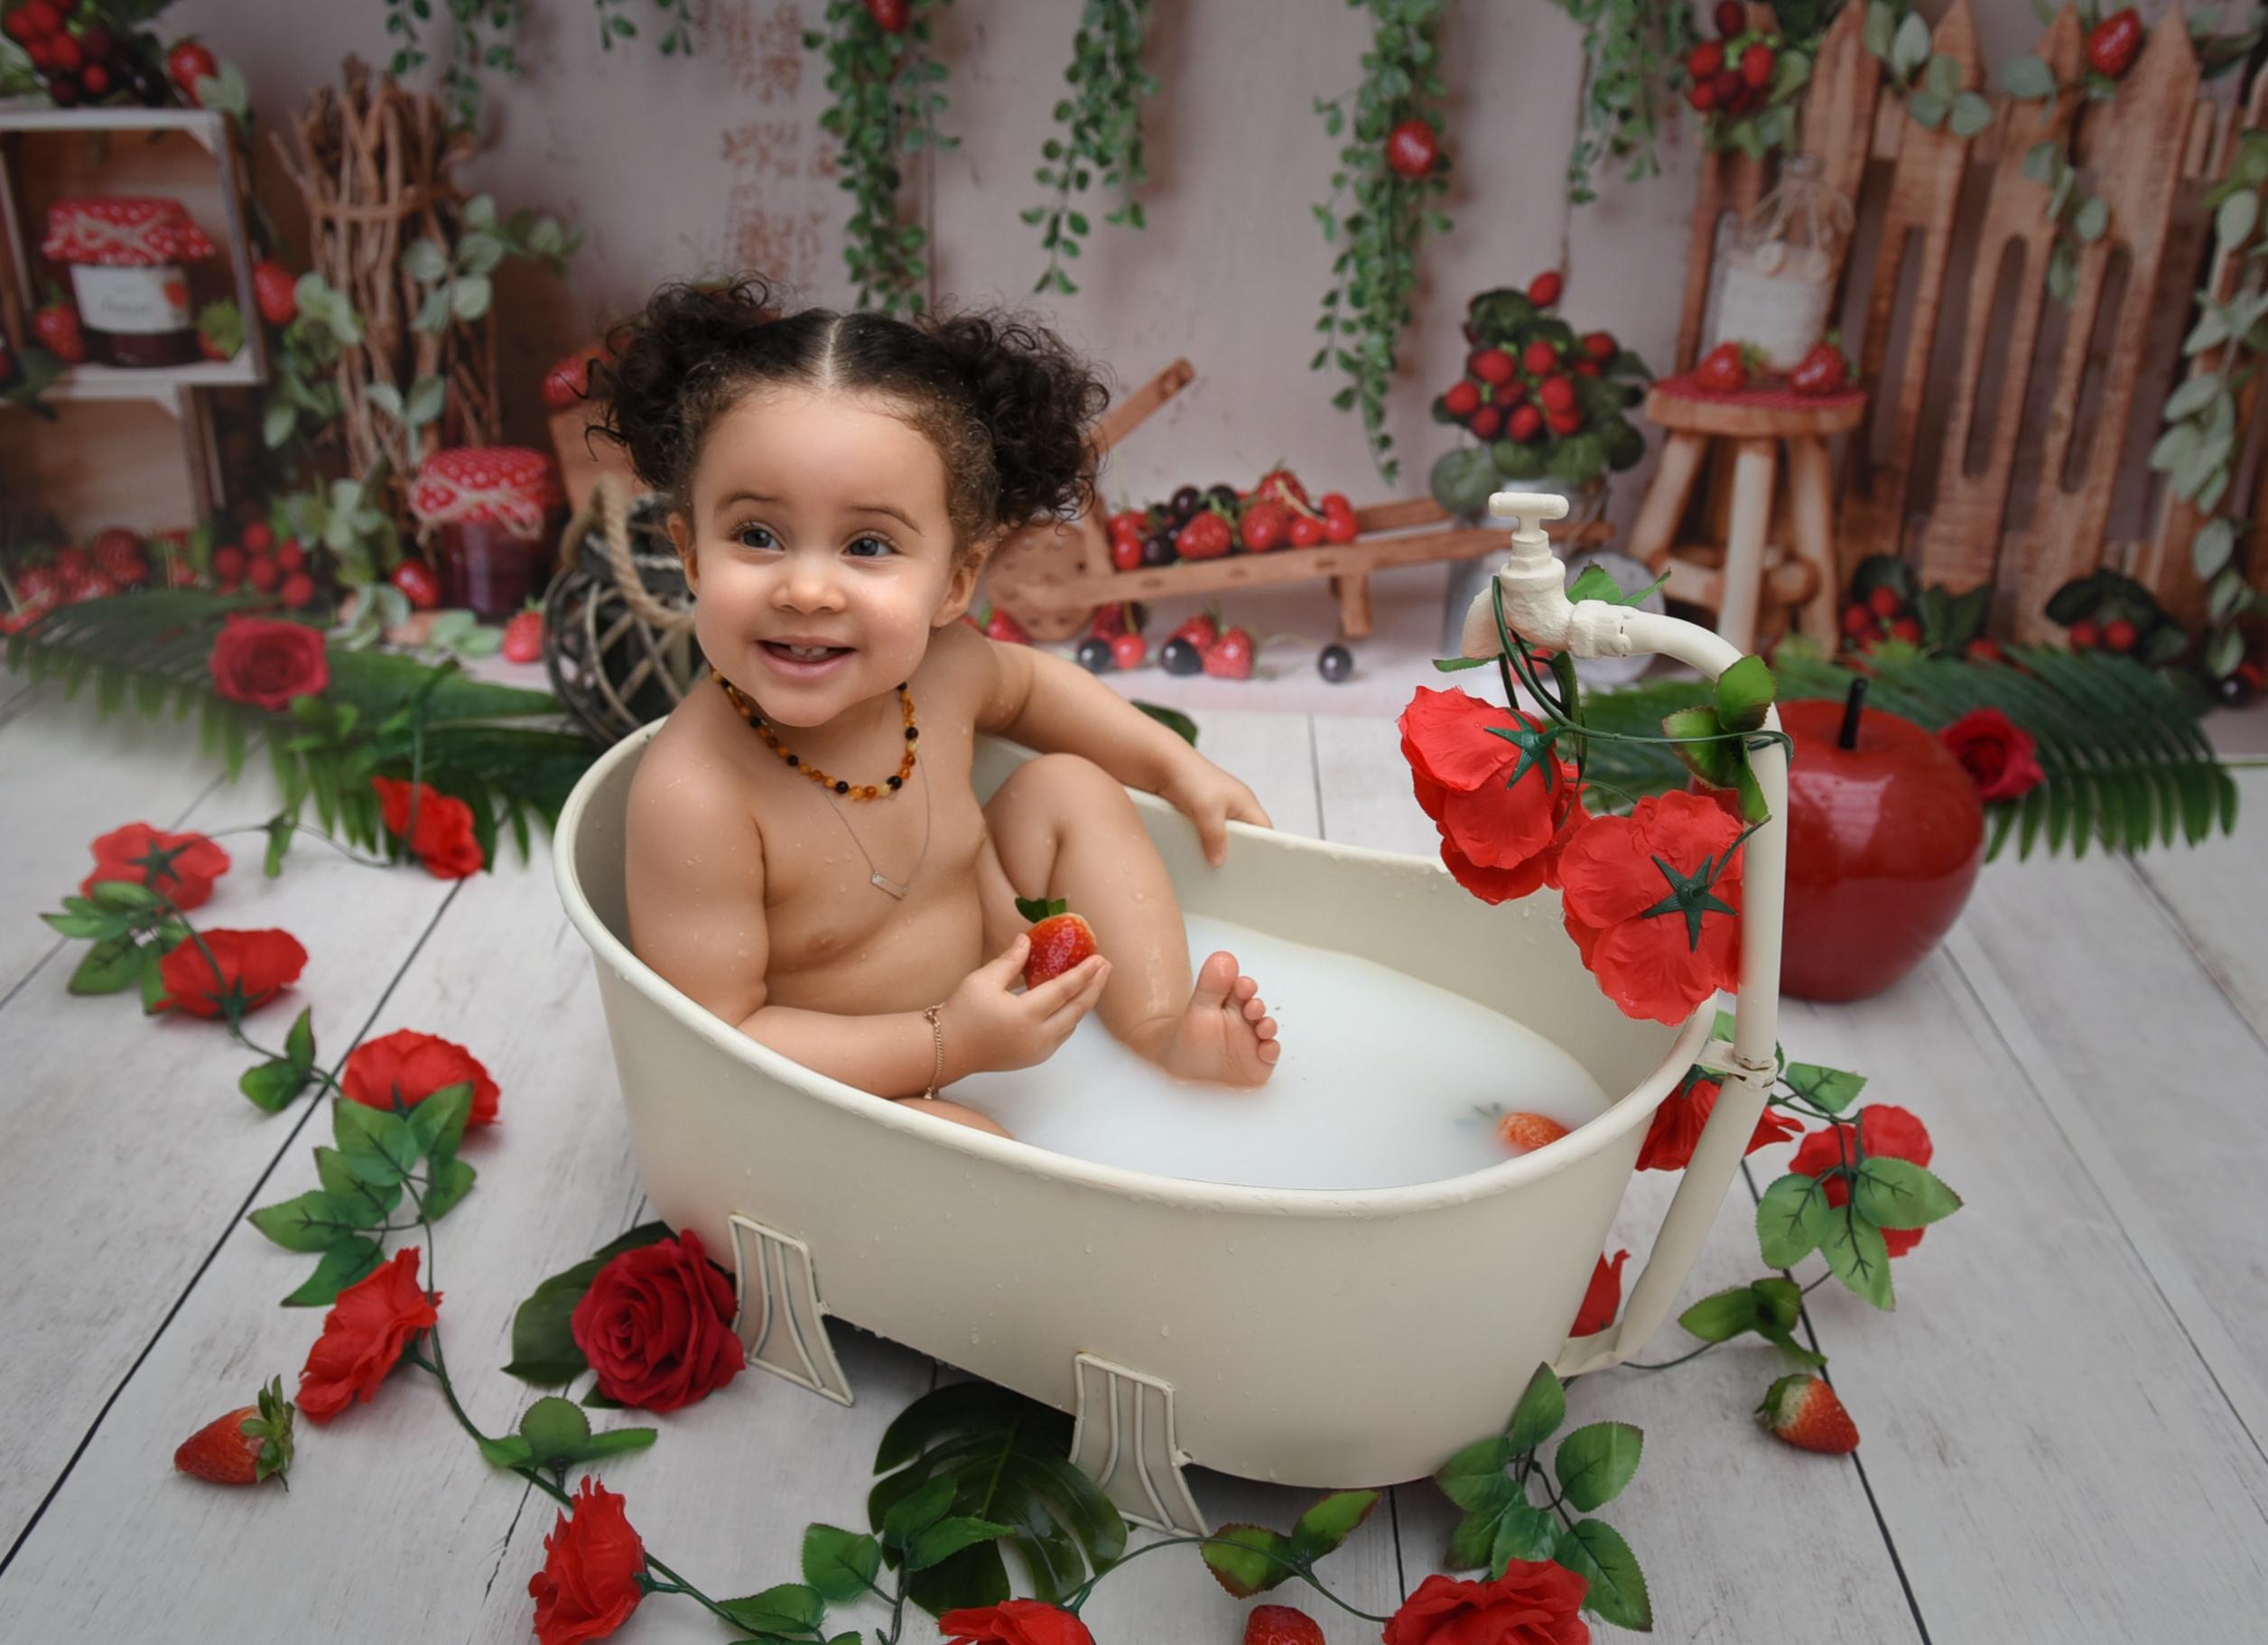 Photographe-bébé-bain-de-lait